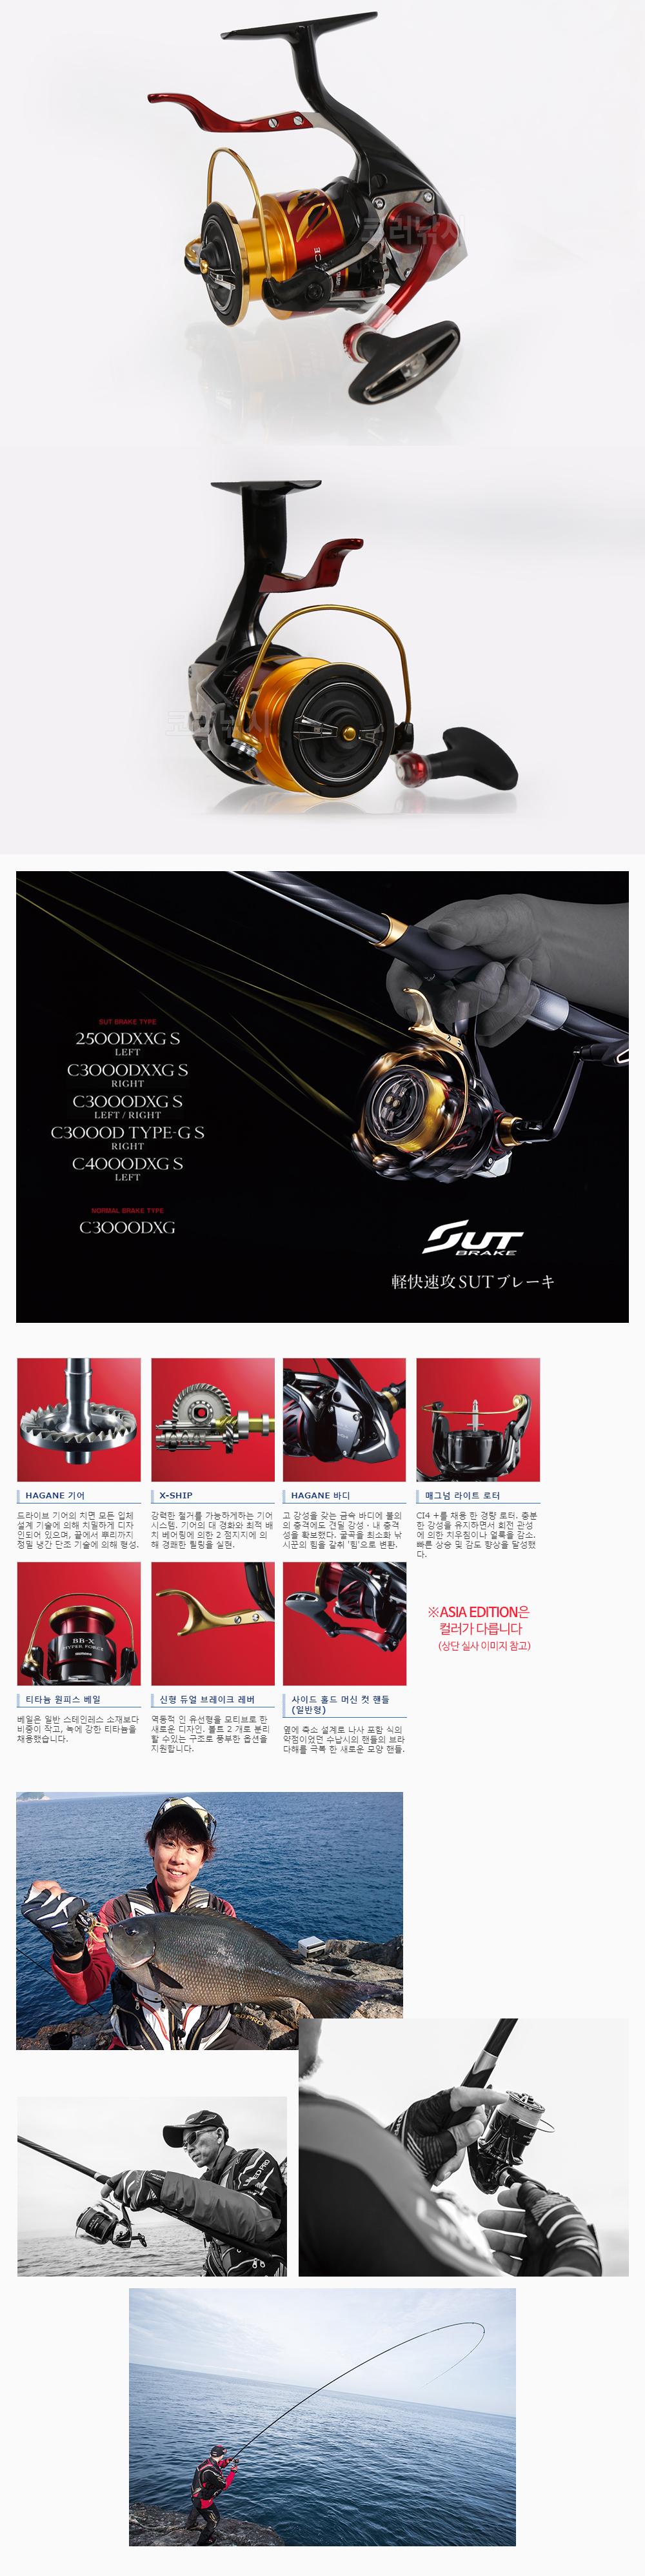 시마노 BB-X 하이퍼 포스 V2 (19) 아시아에디션 보조스플포함 윤성정품 비비엑스 비비엑스하이퍼포스 HF 시마노릴 브레이크릴